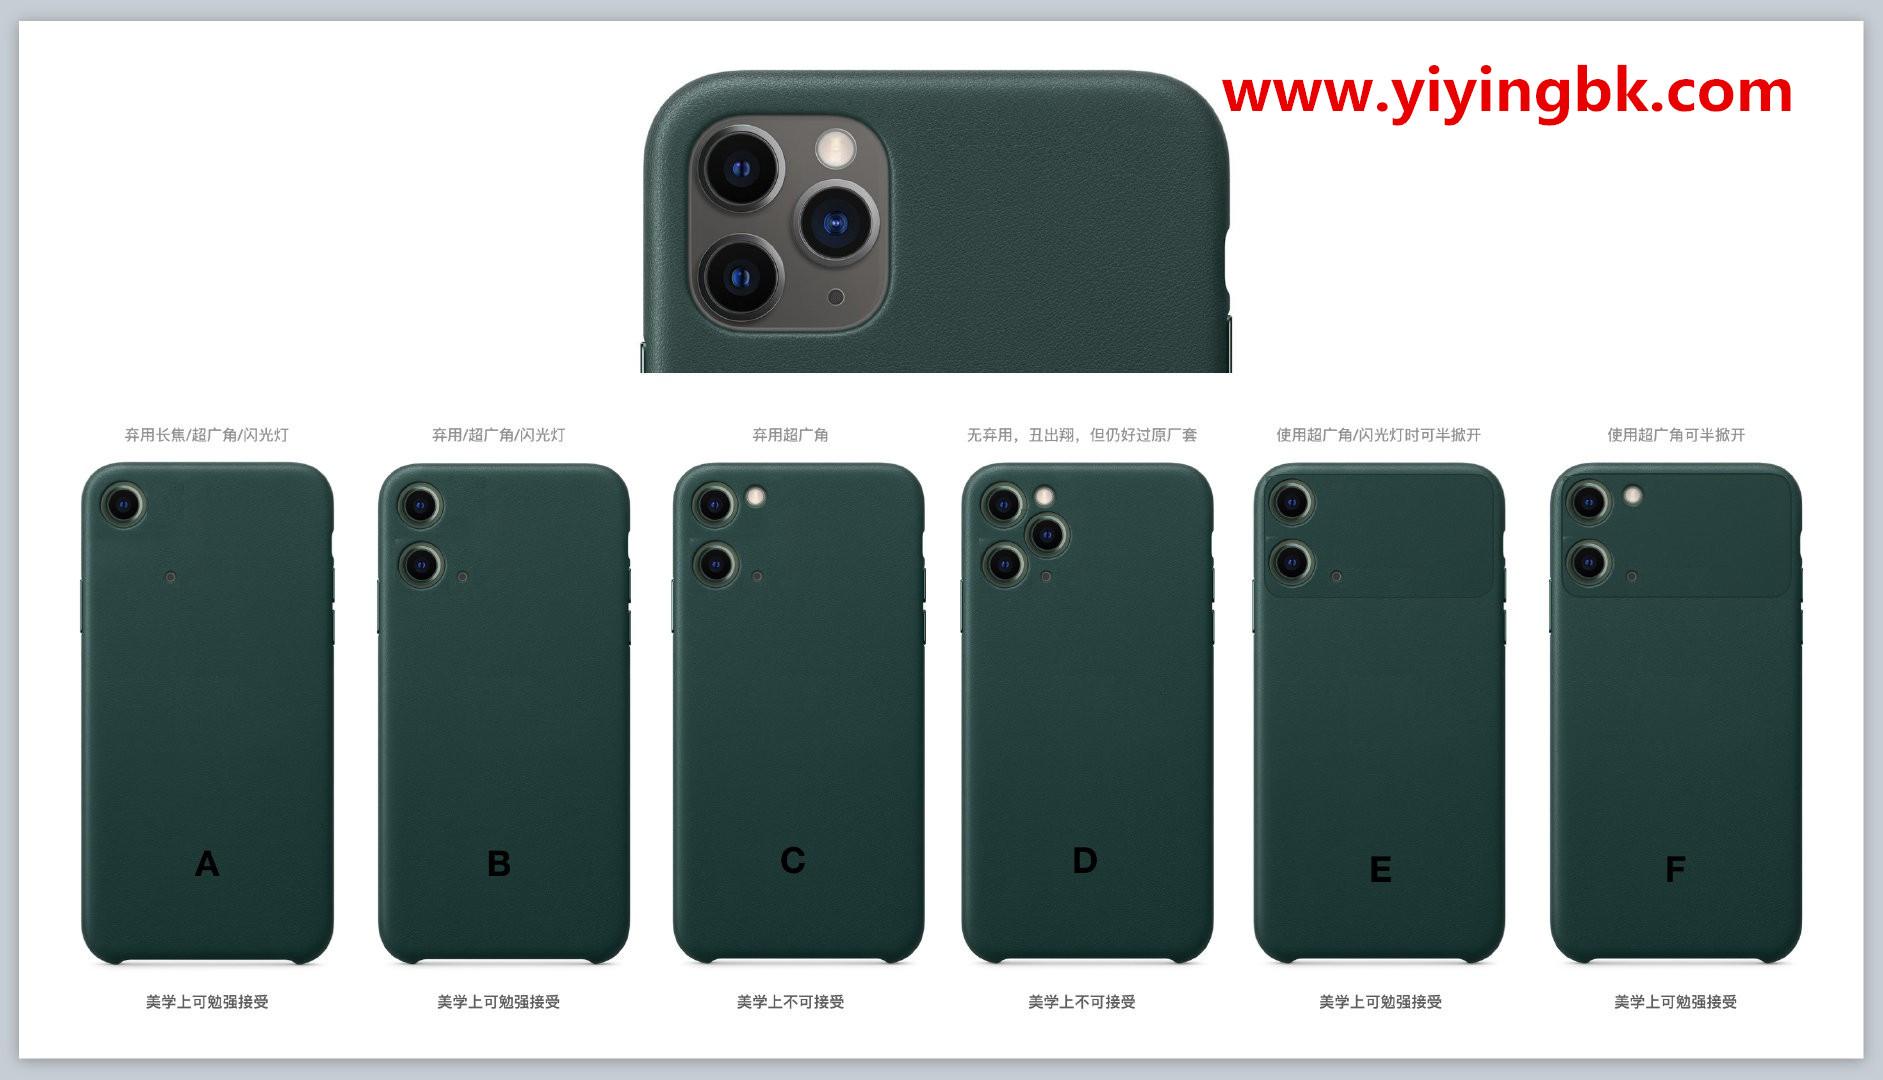 苹果手机iphone 11 pro